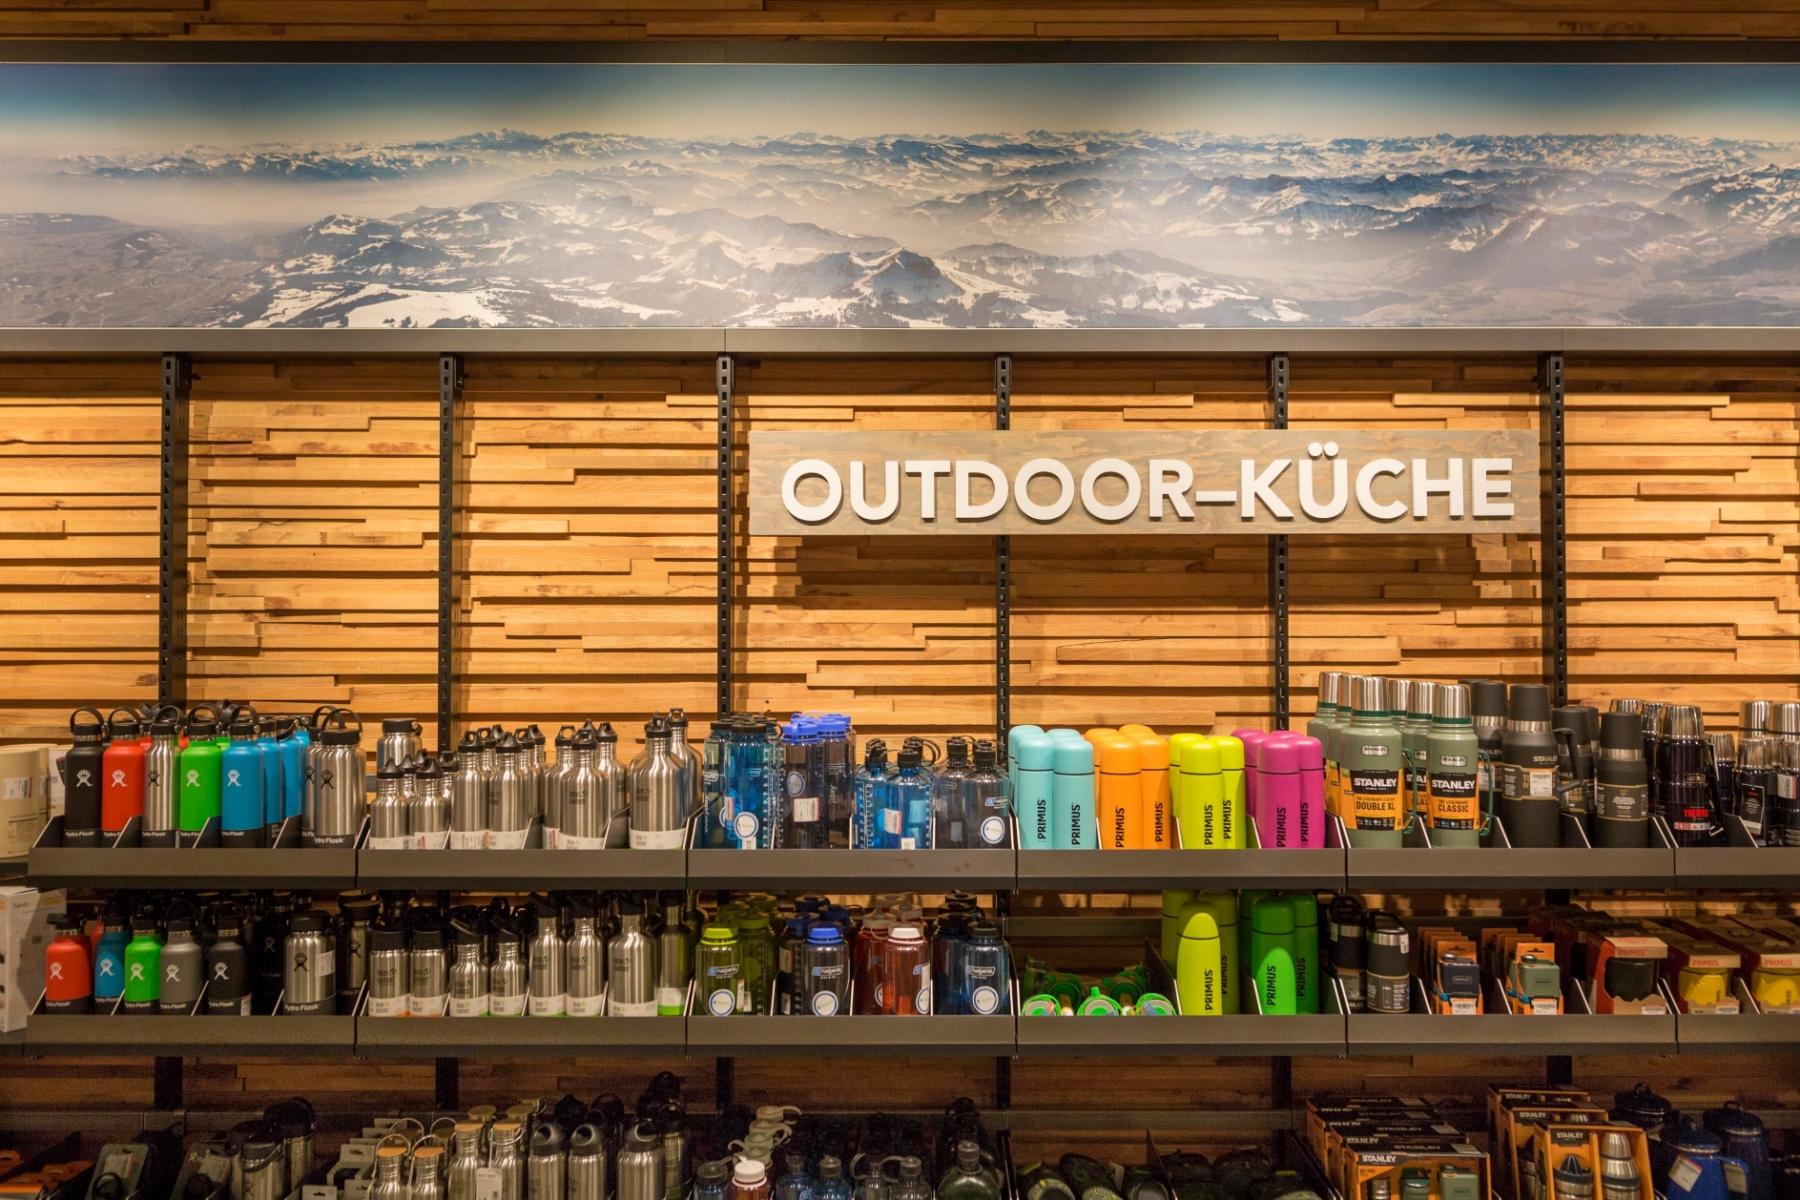 Outdoor Küche Düsseldorf : Globetrotter mr düsseldorf